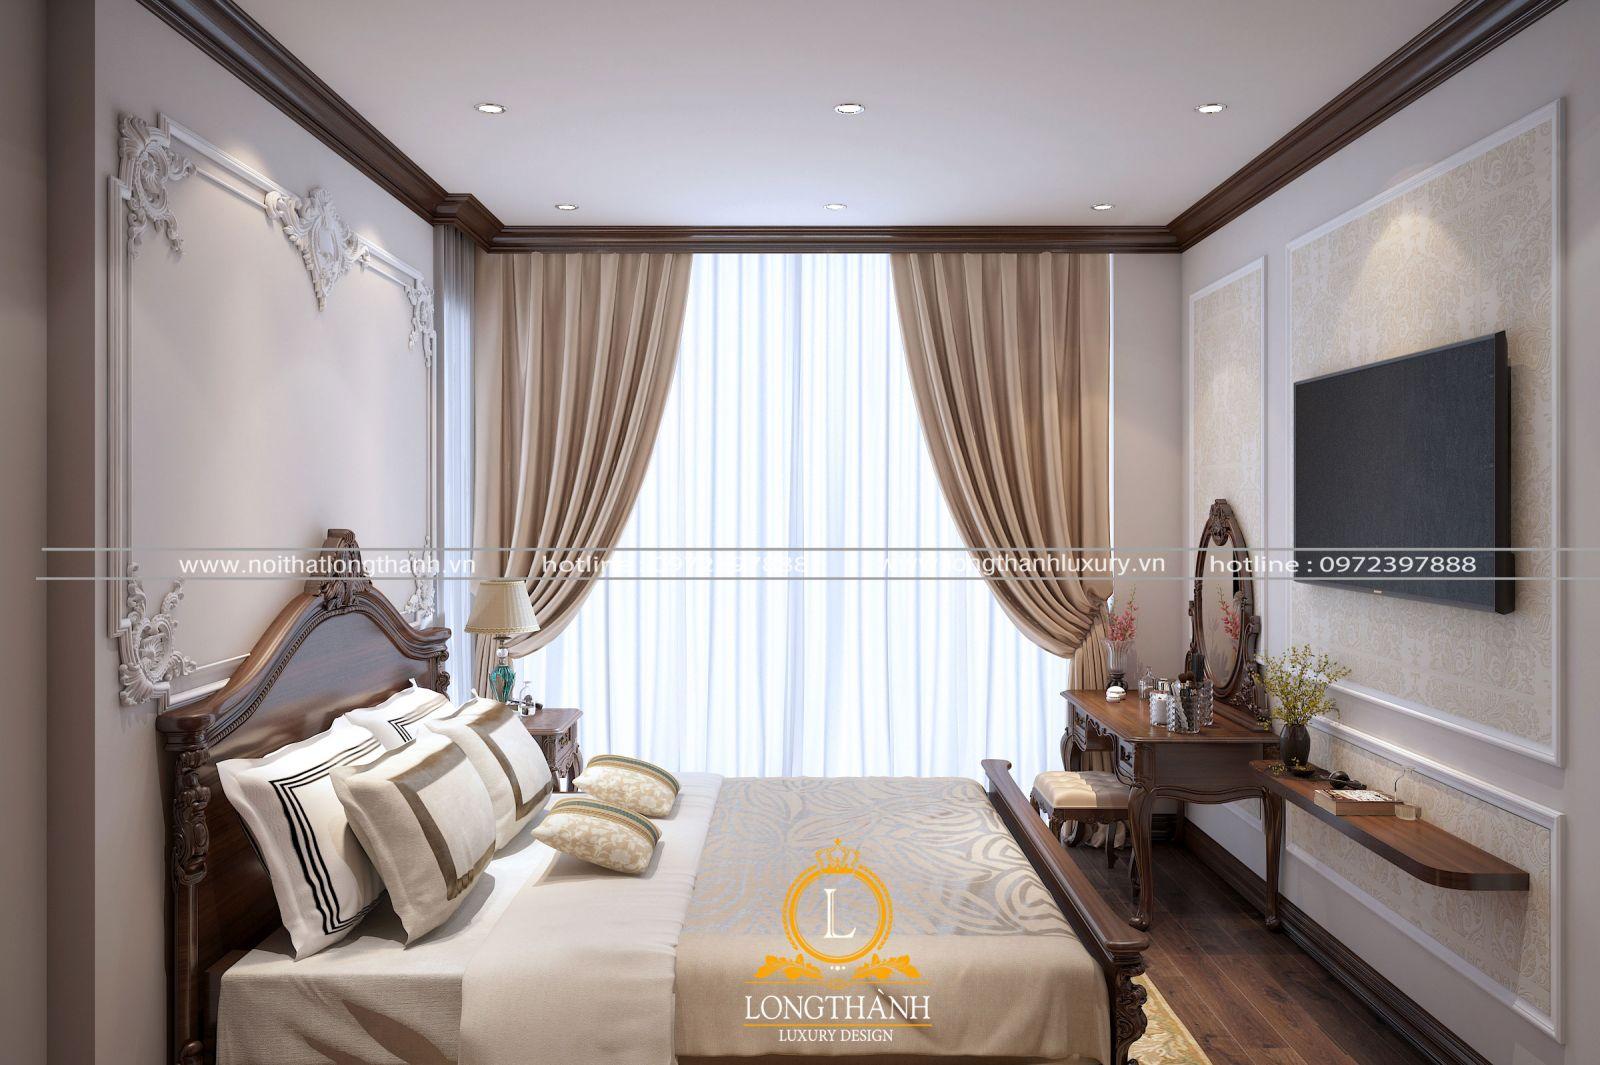 Tổng thể không gian nội thất đẹp cho nhà chung cư